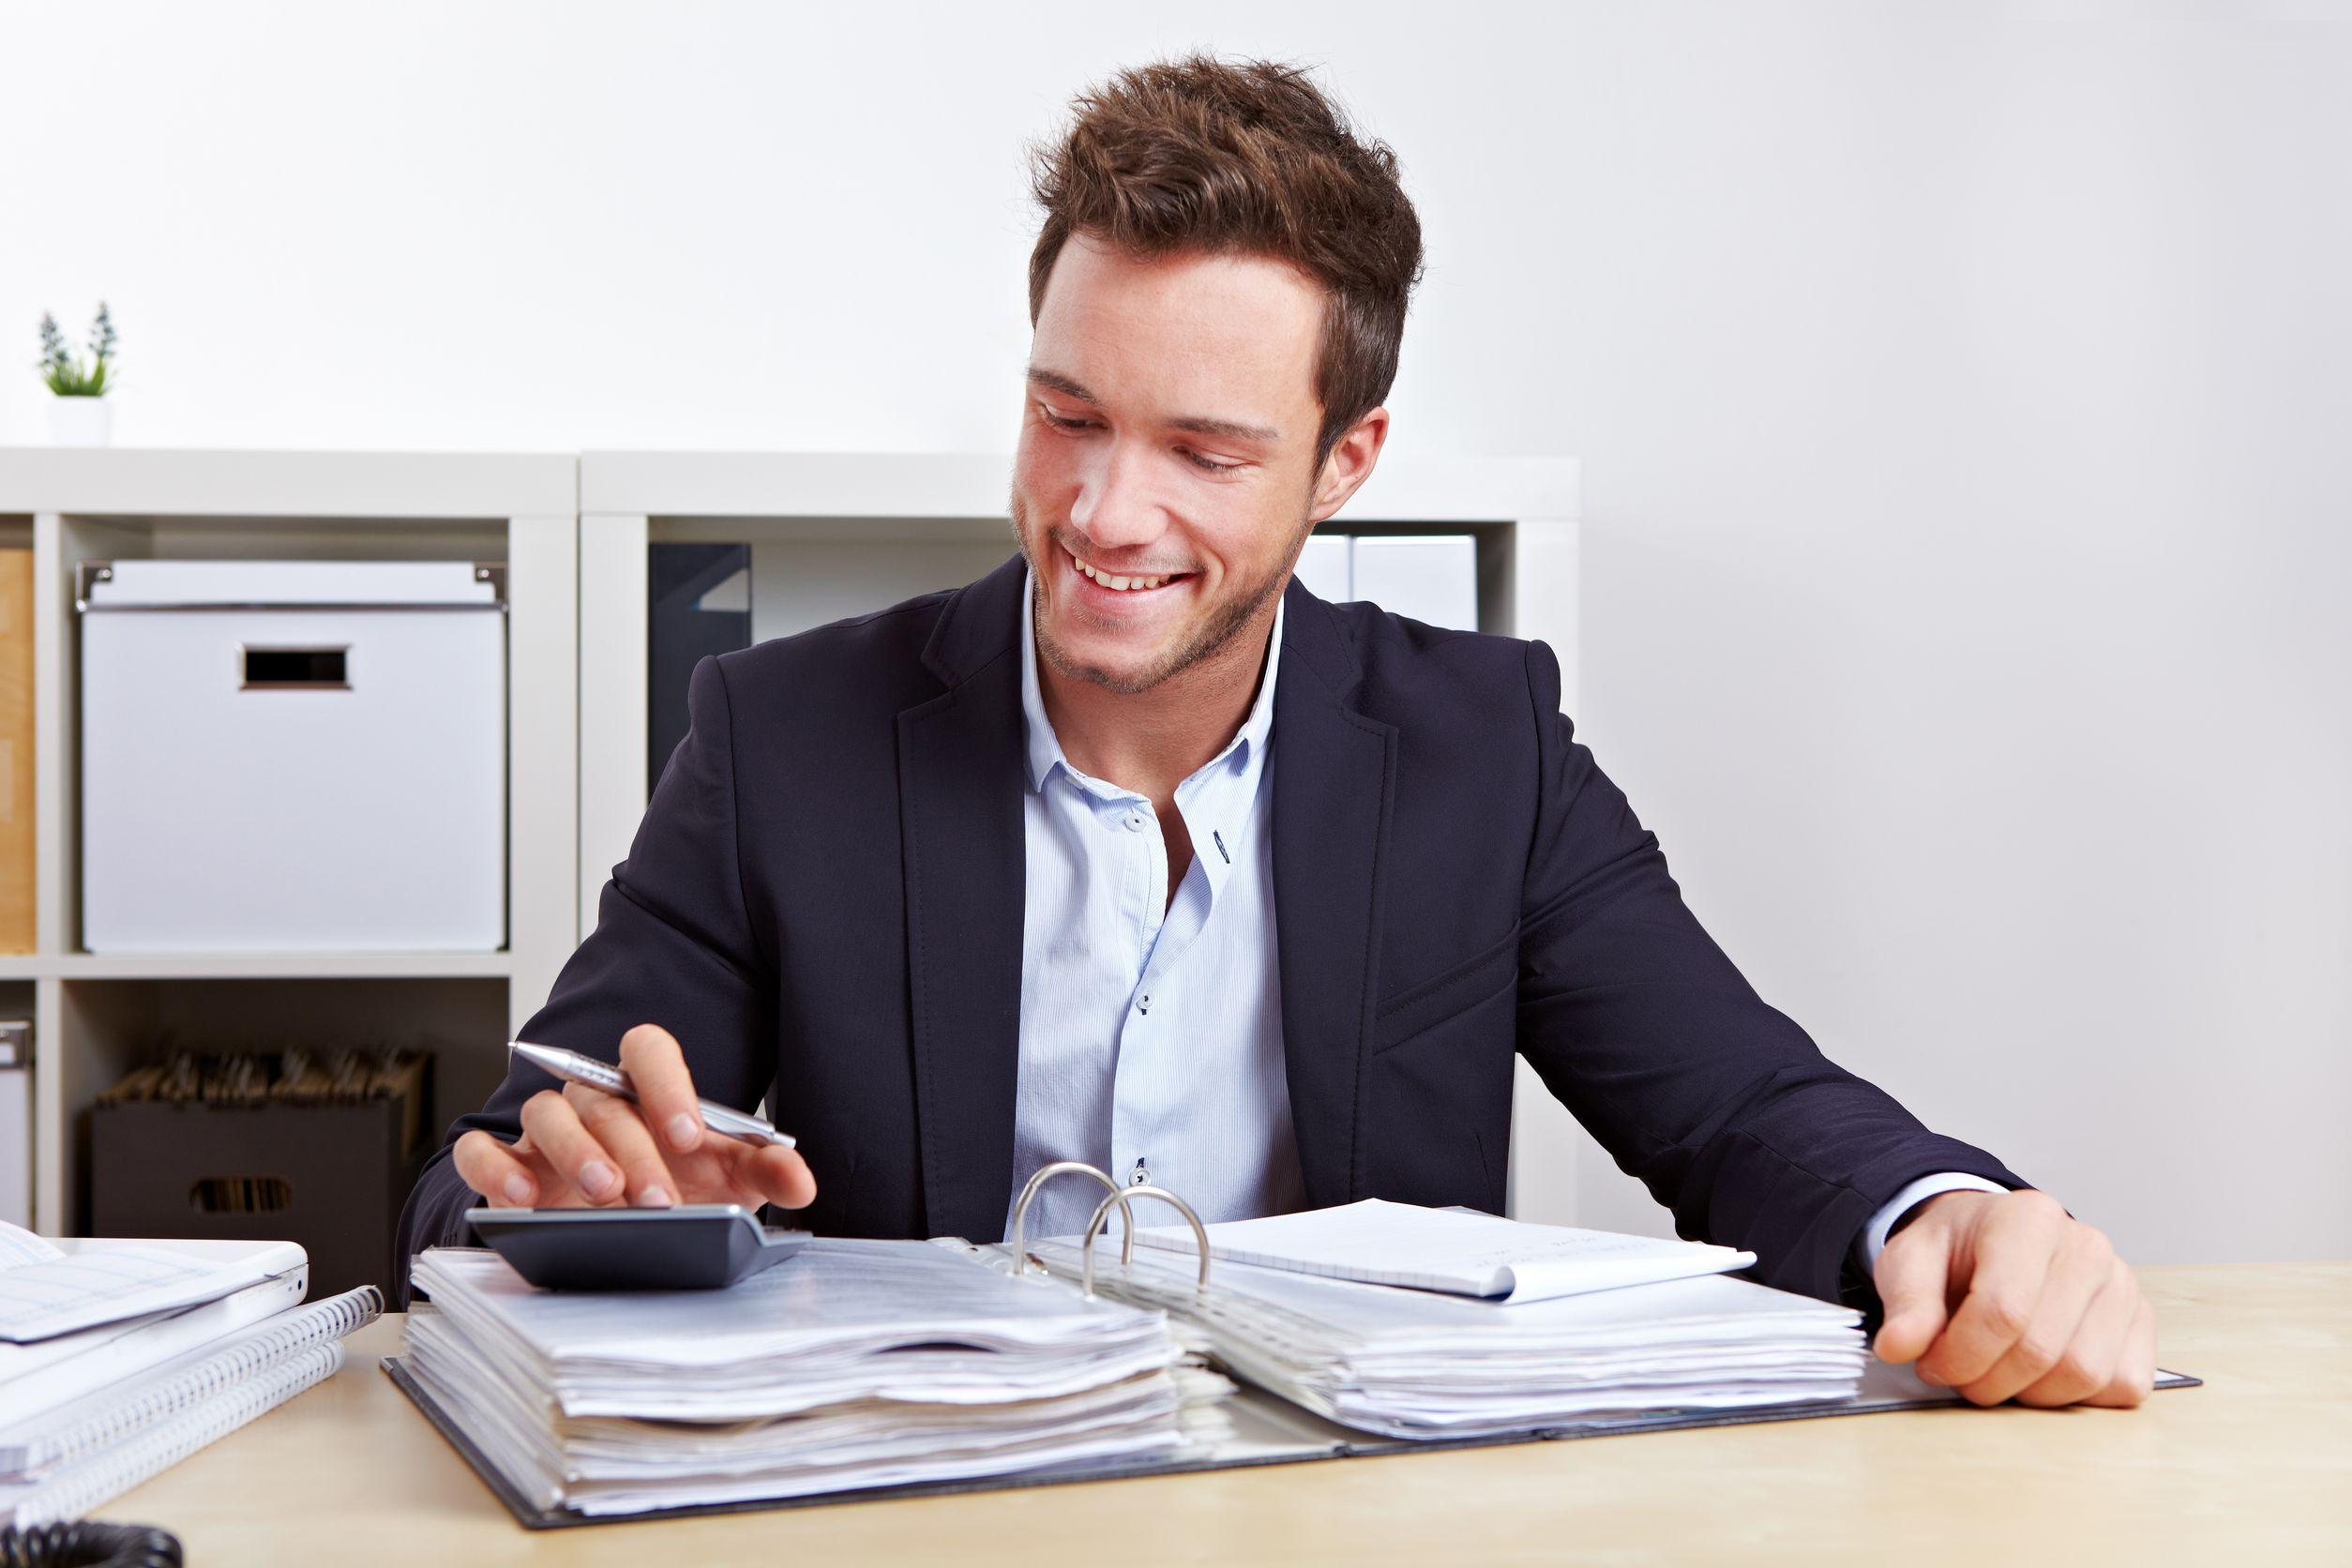 Личностные качества важны для успешной работы